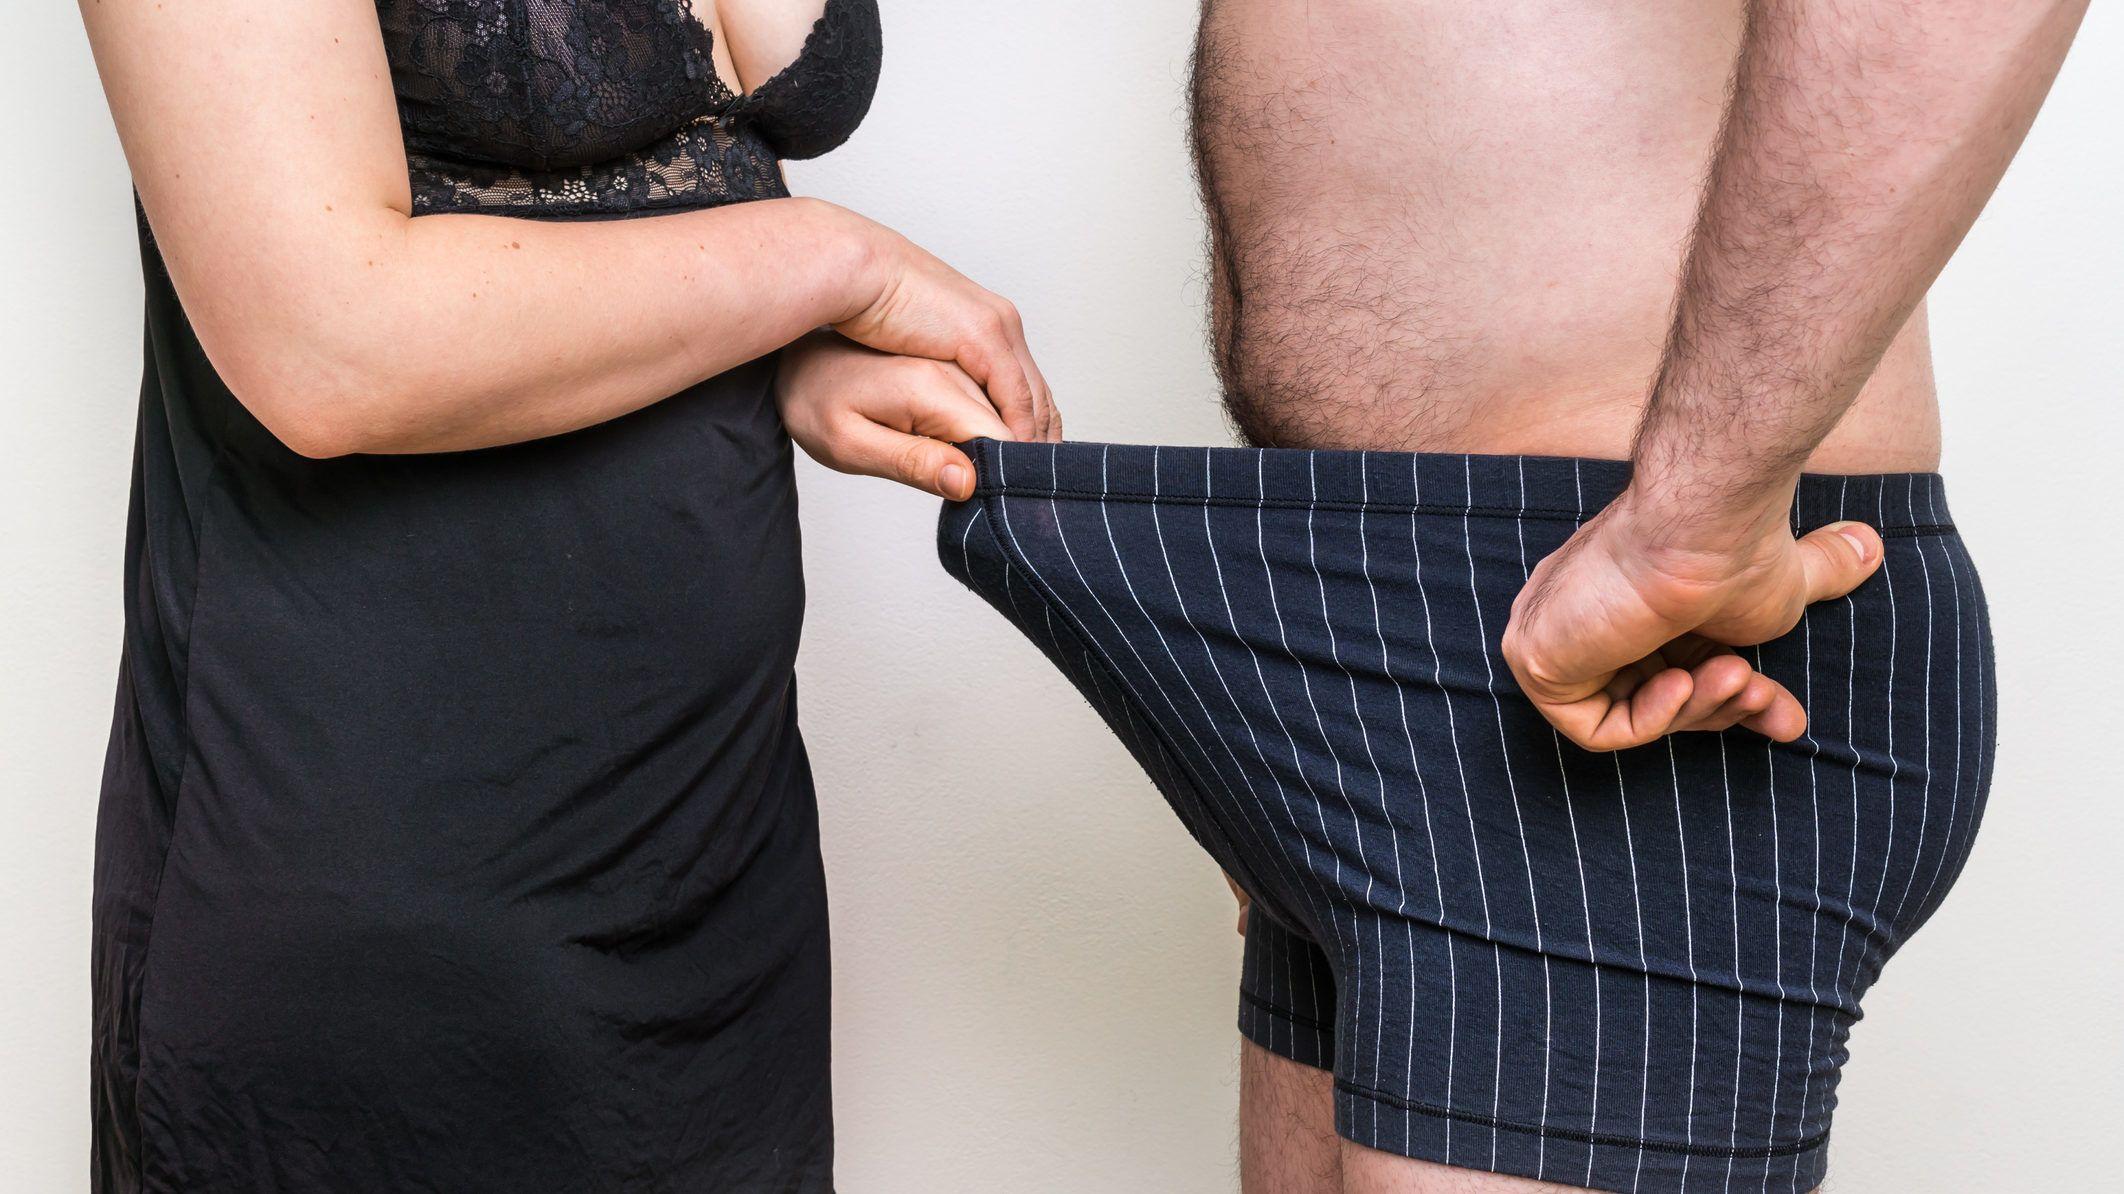 rossz erekció férfiaknál 30 után mit kell tenni, ha egy merevedés gyorsan eltűnik